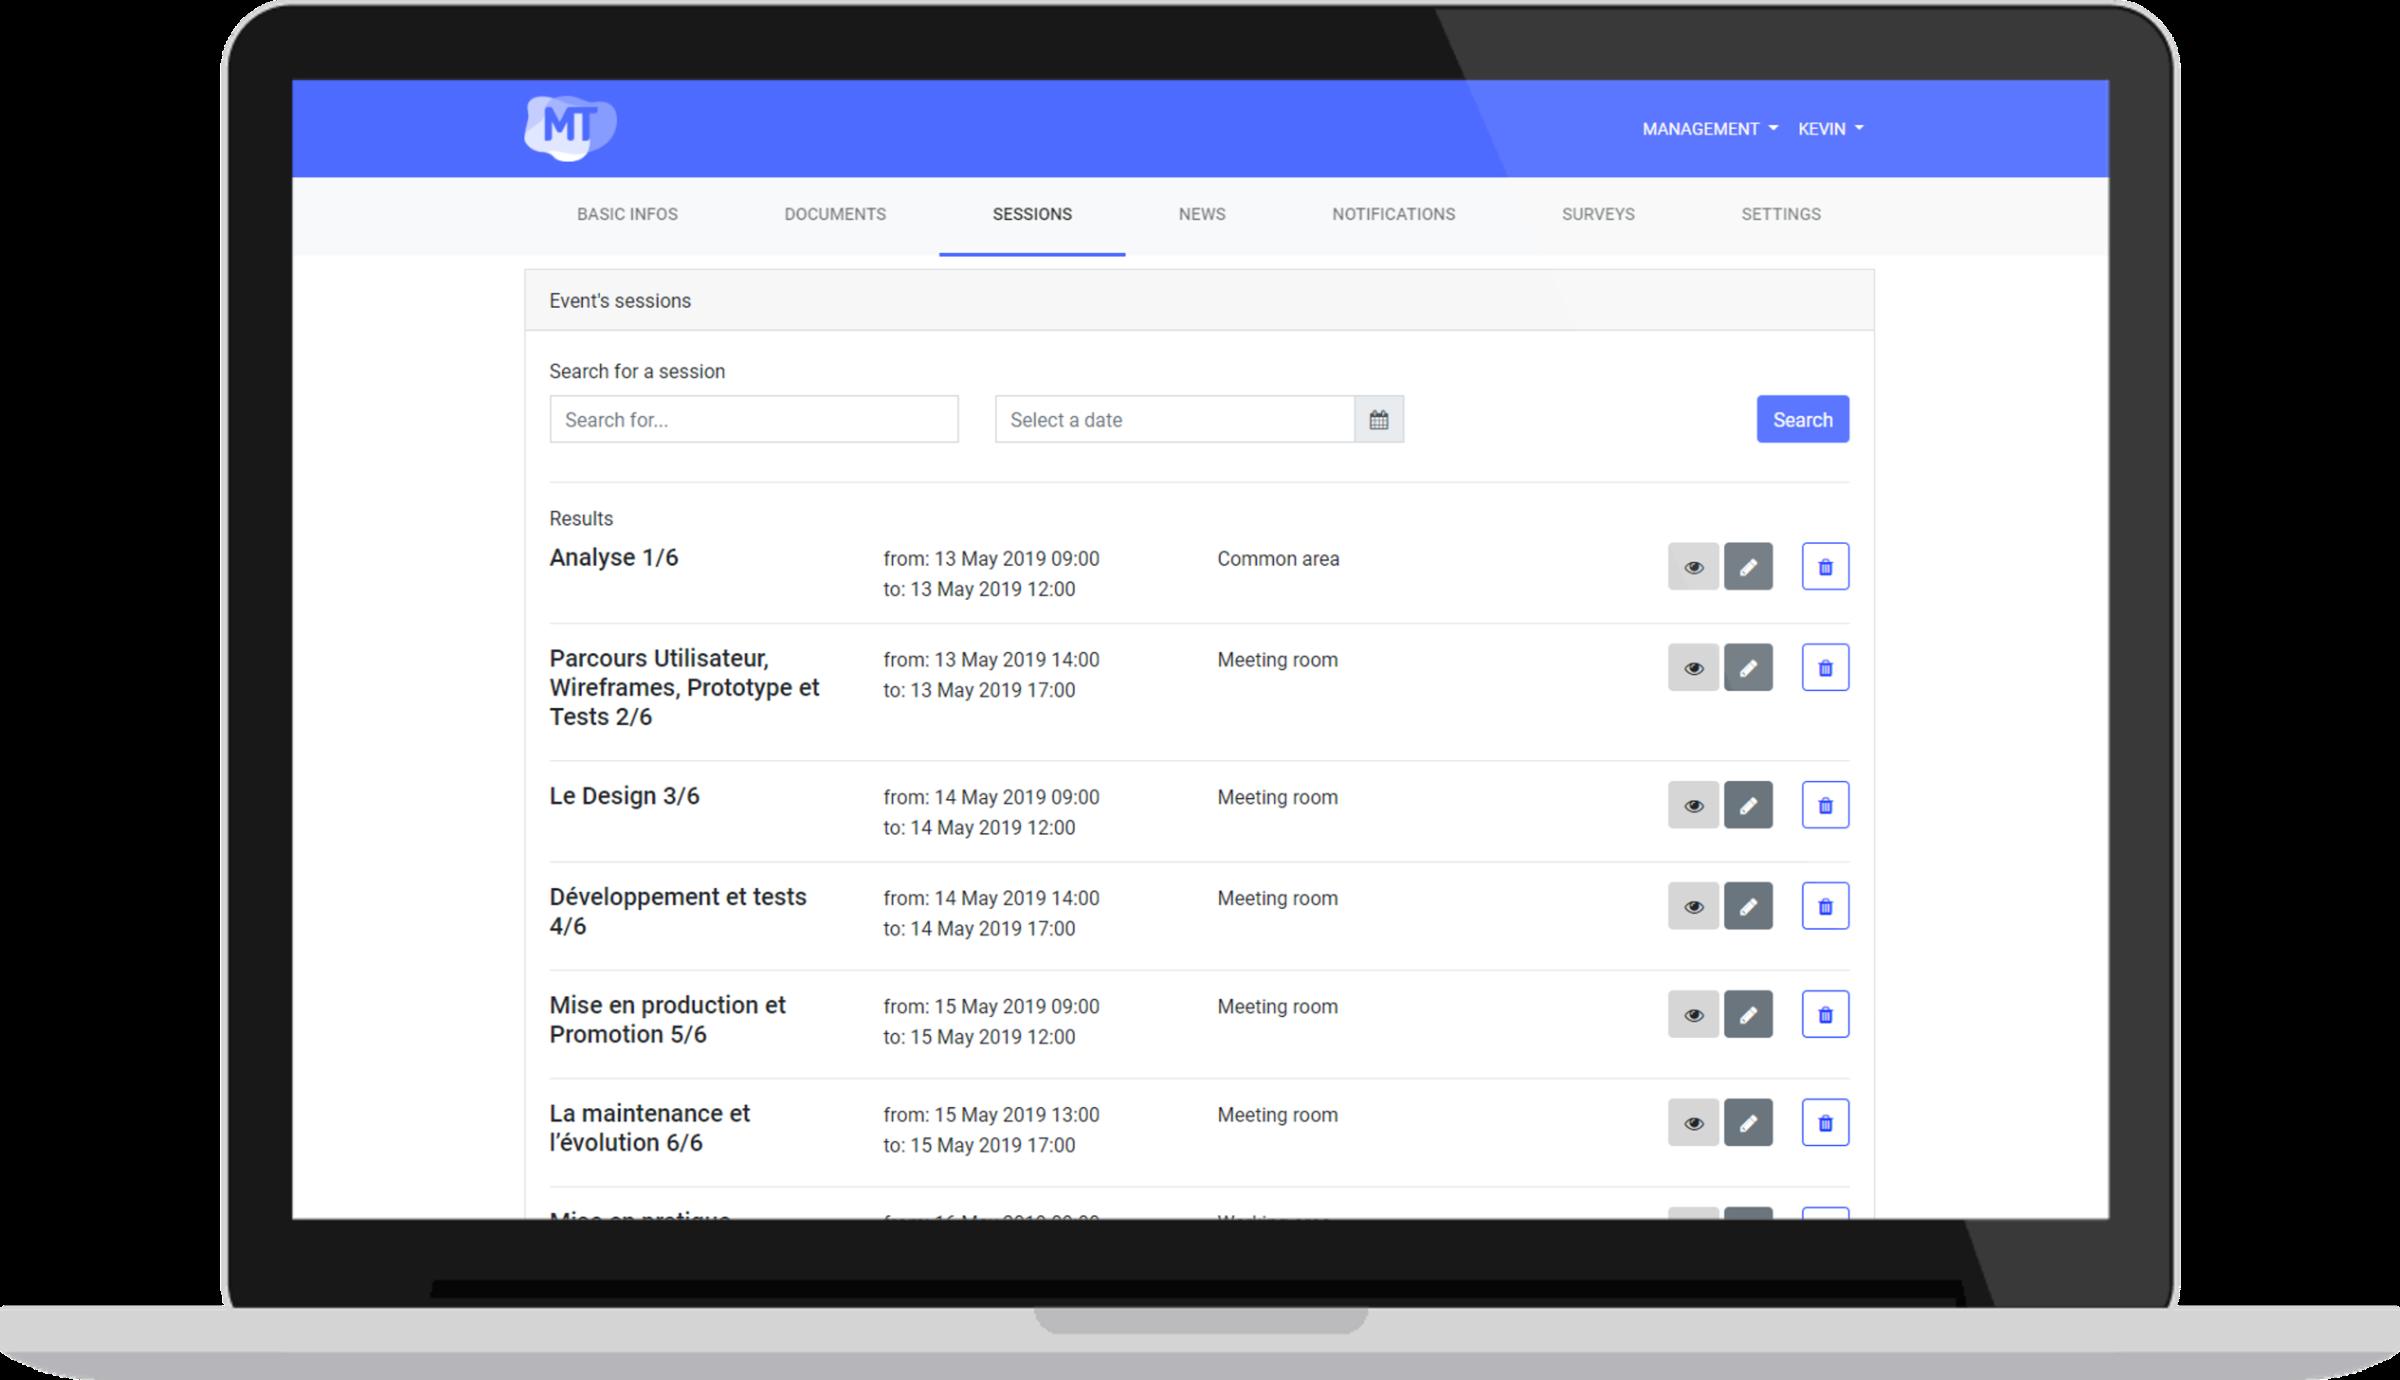 Agenda - Un écosystème complet pour la gestion et diffusion de vos événements professionnels